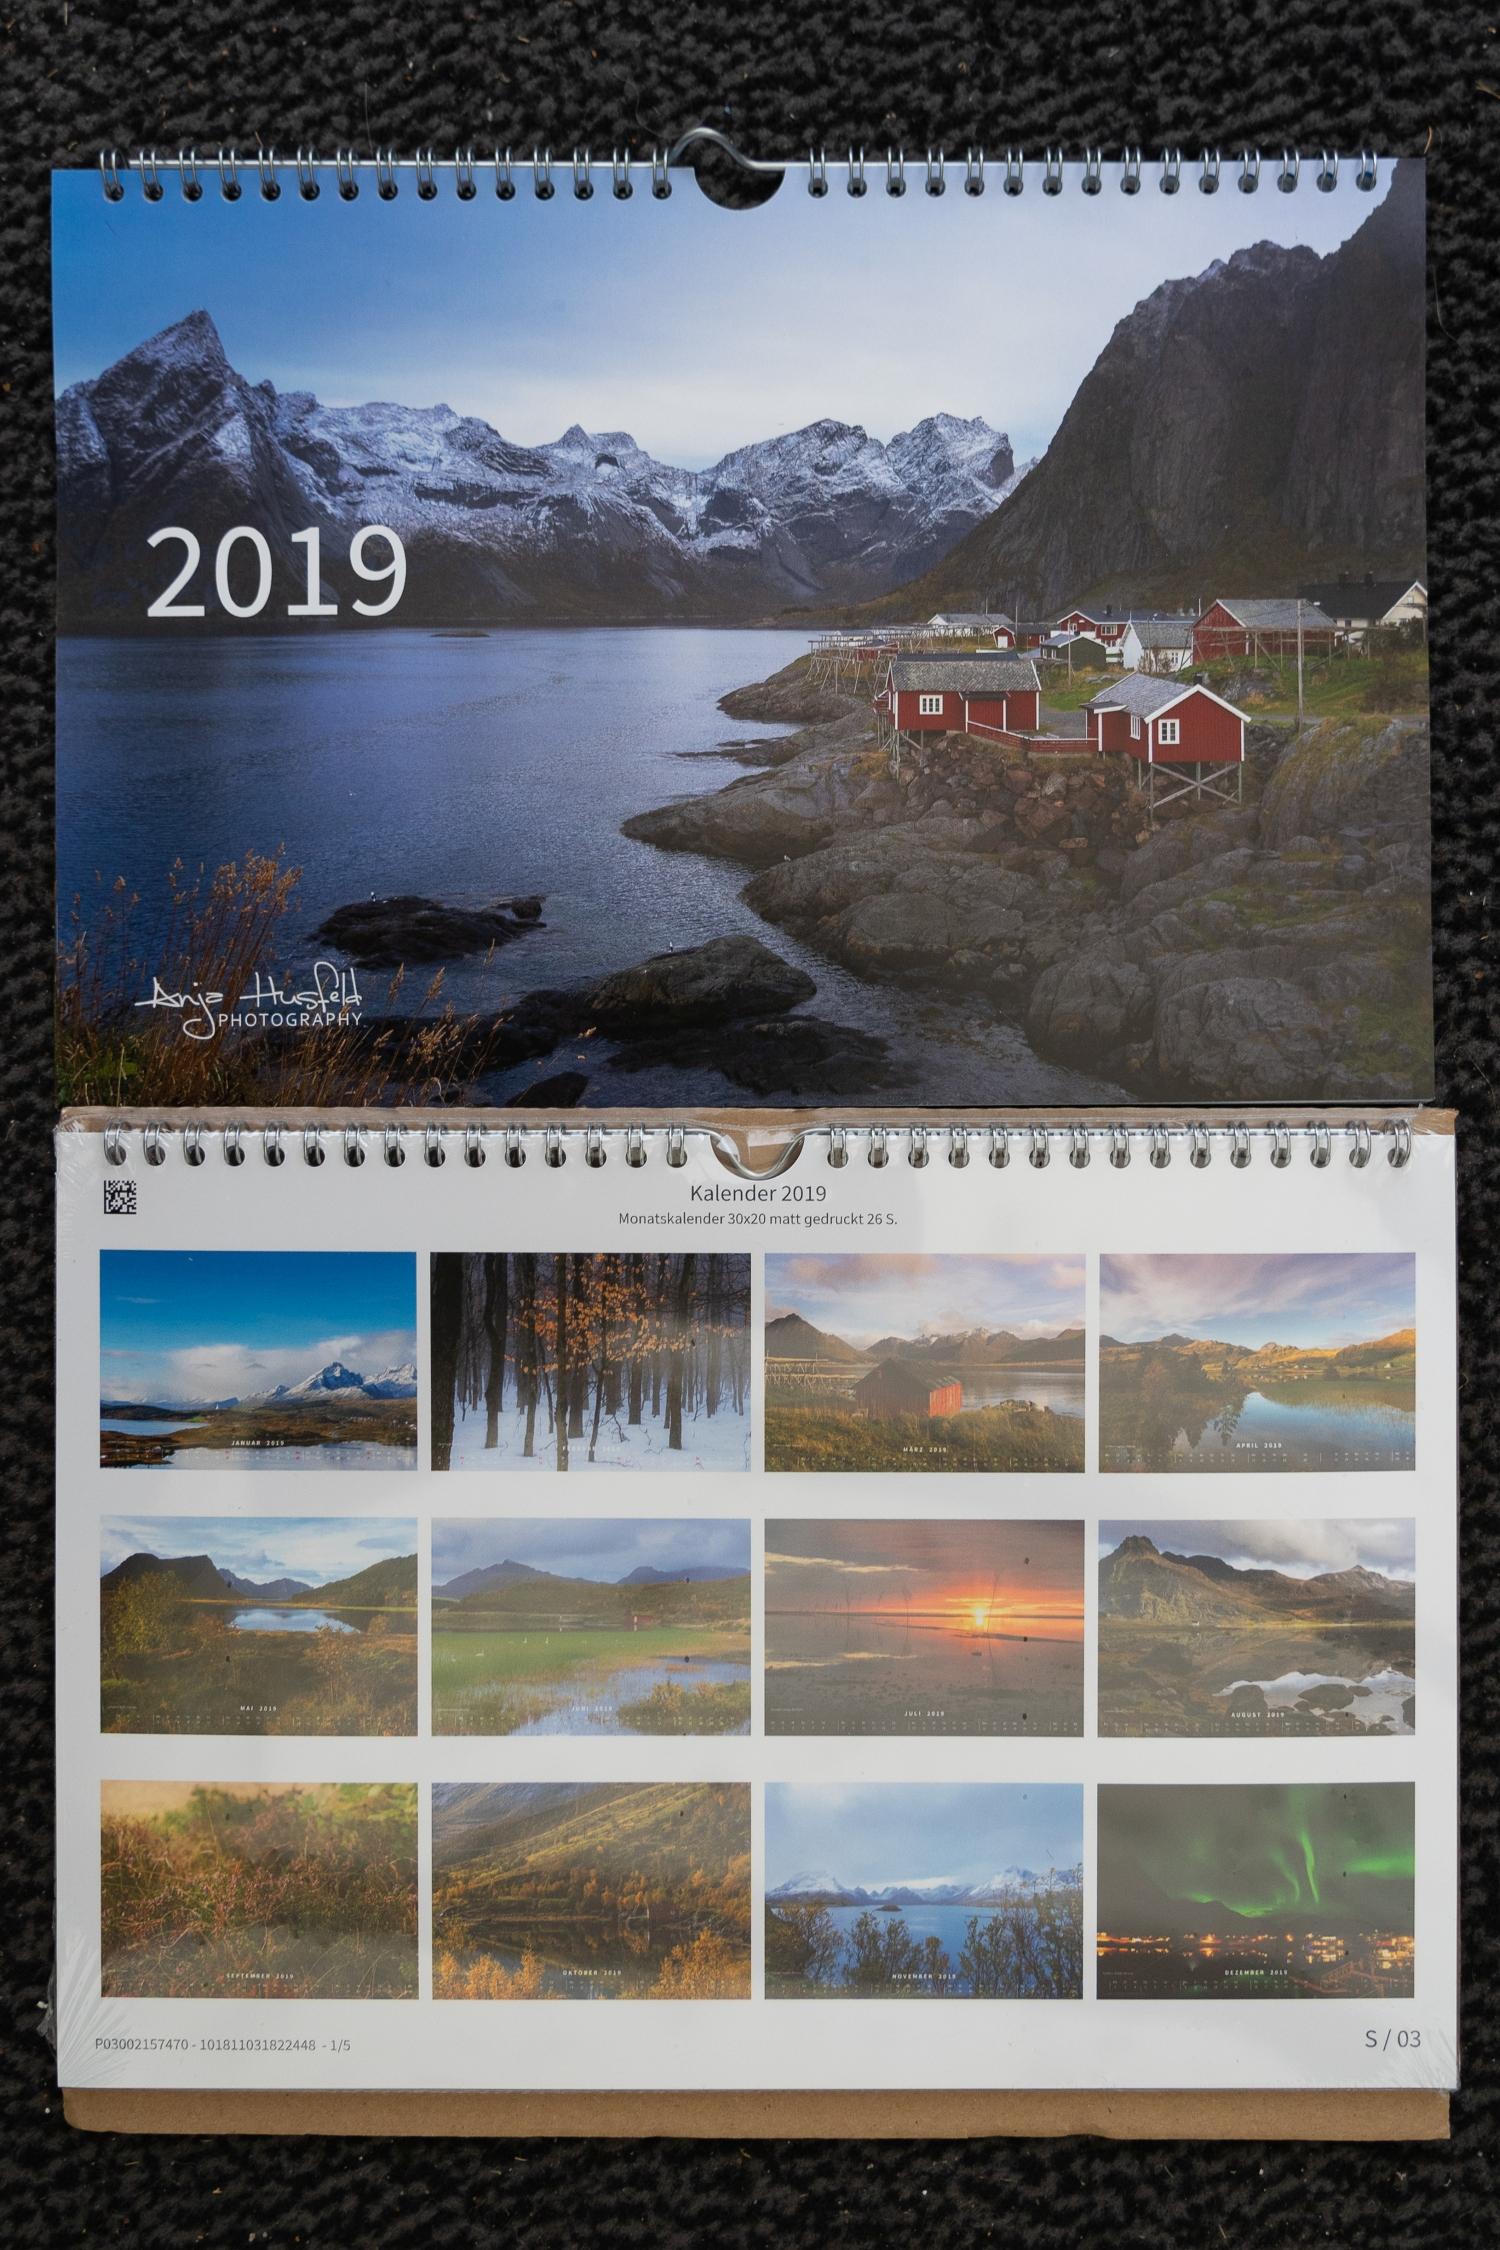 Wie, noch keinen Kalender für 2019?